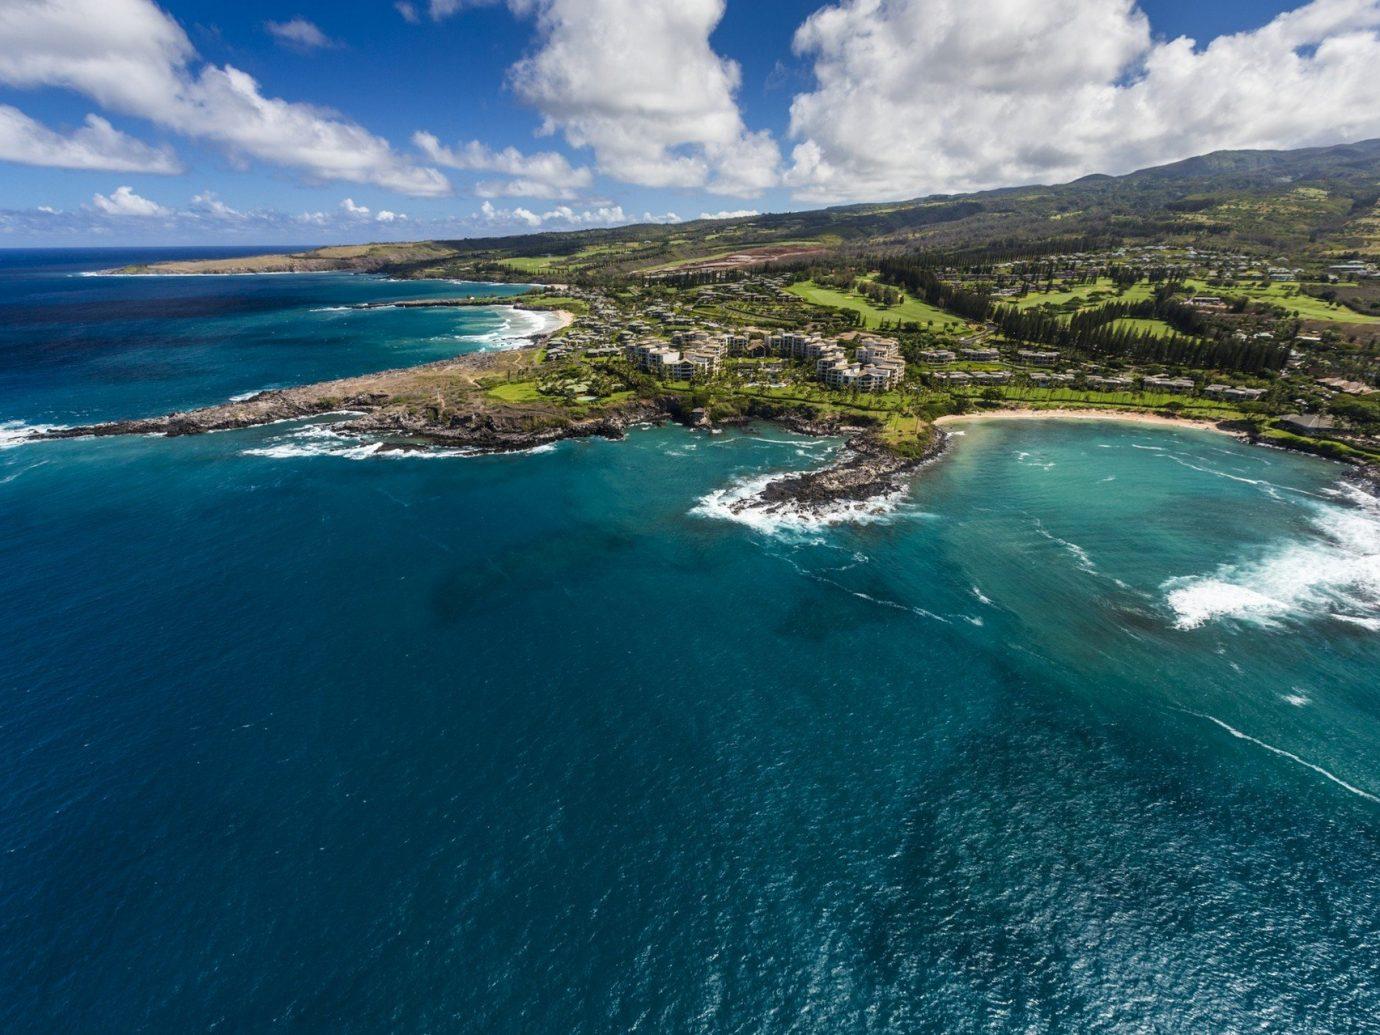 Aerial shot of Maui